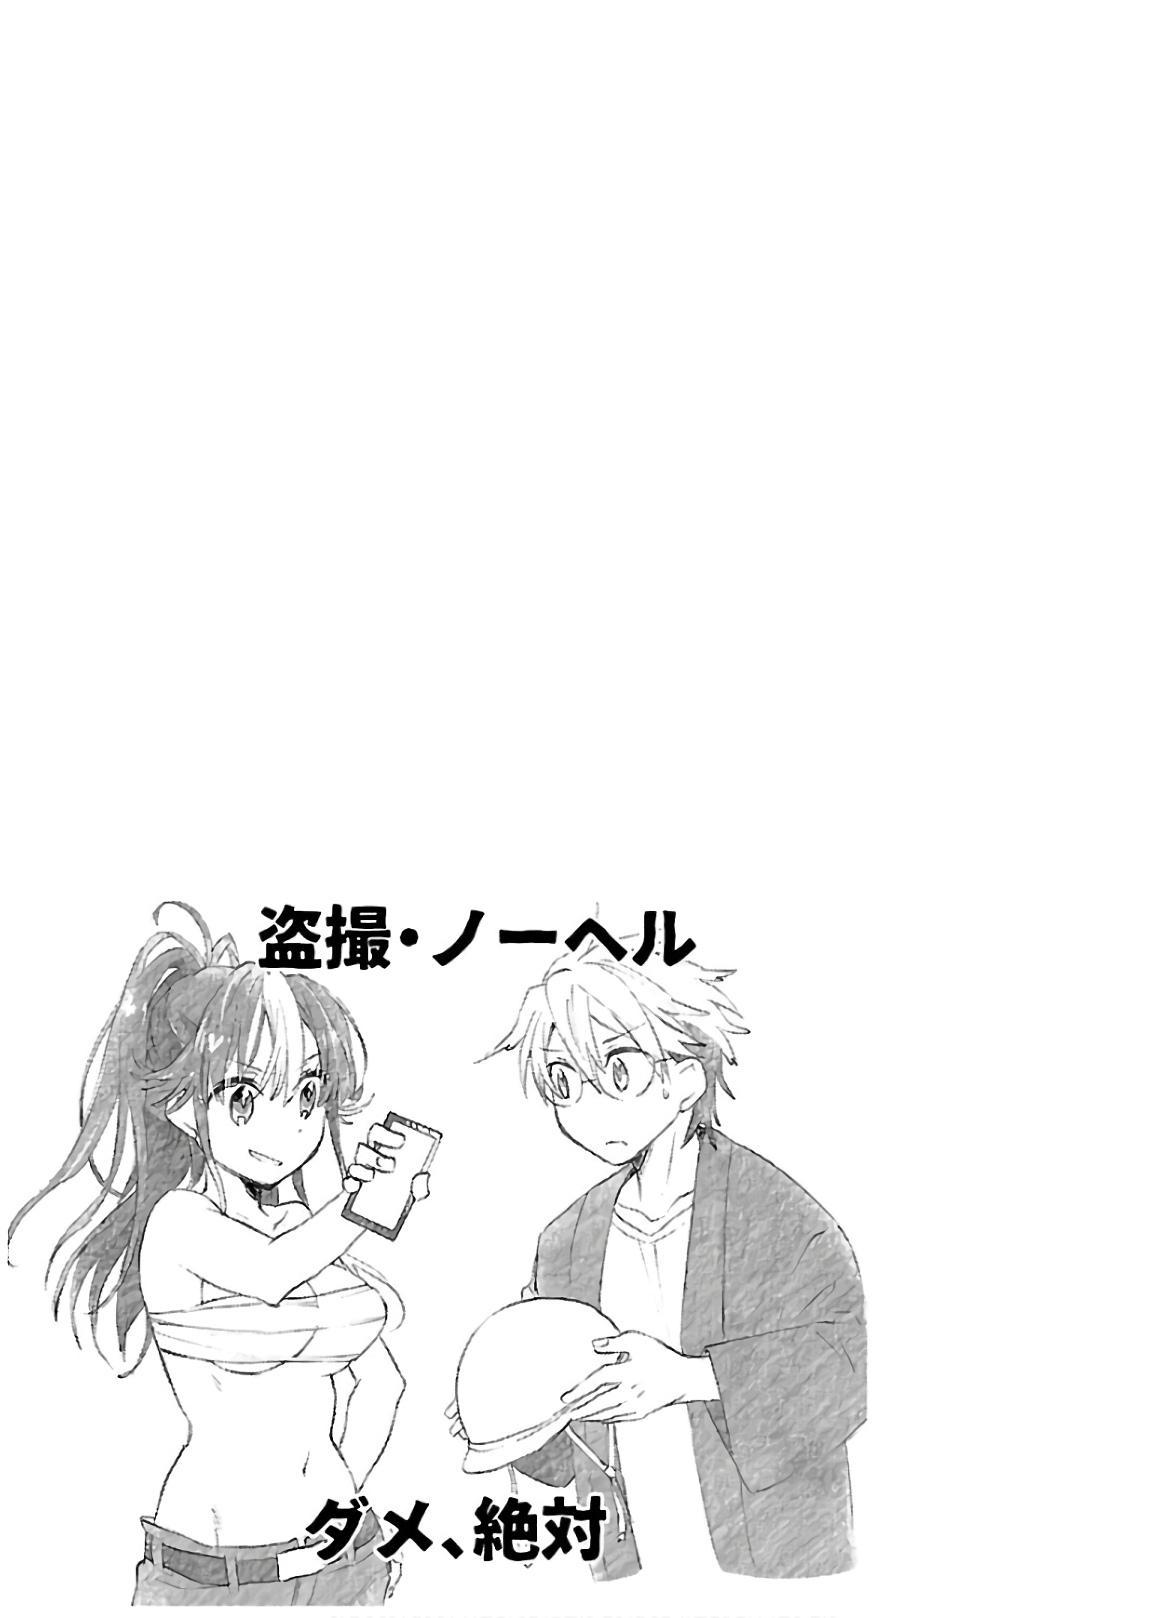 Yankii musume ni natsukarete kotoshi mo juken ni shippai shisou desu  vol.1 100